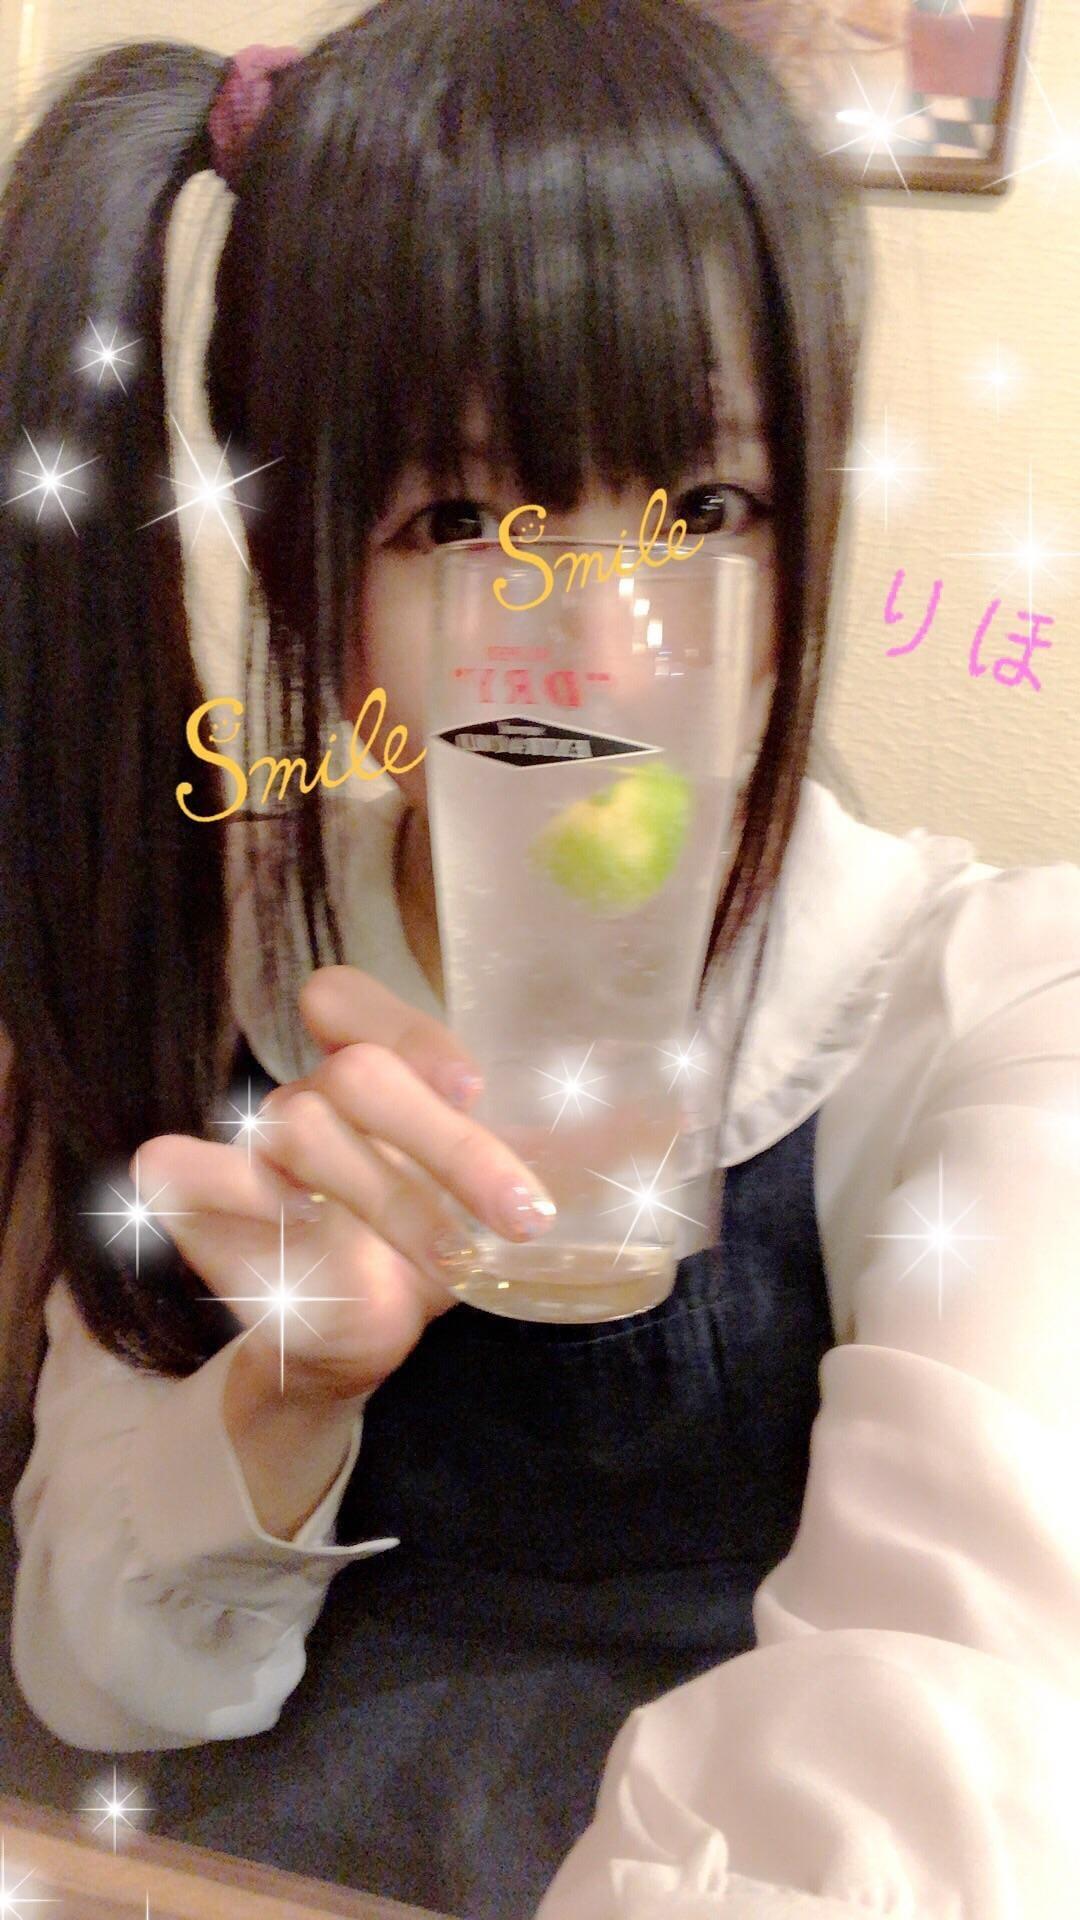 りほ「*バタ子*」05/31(木) 21:38   りほの写メ・風俗動画